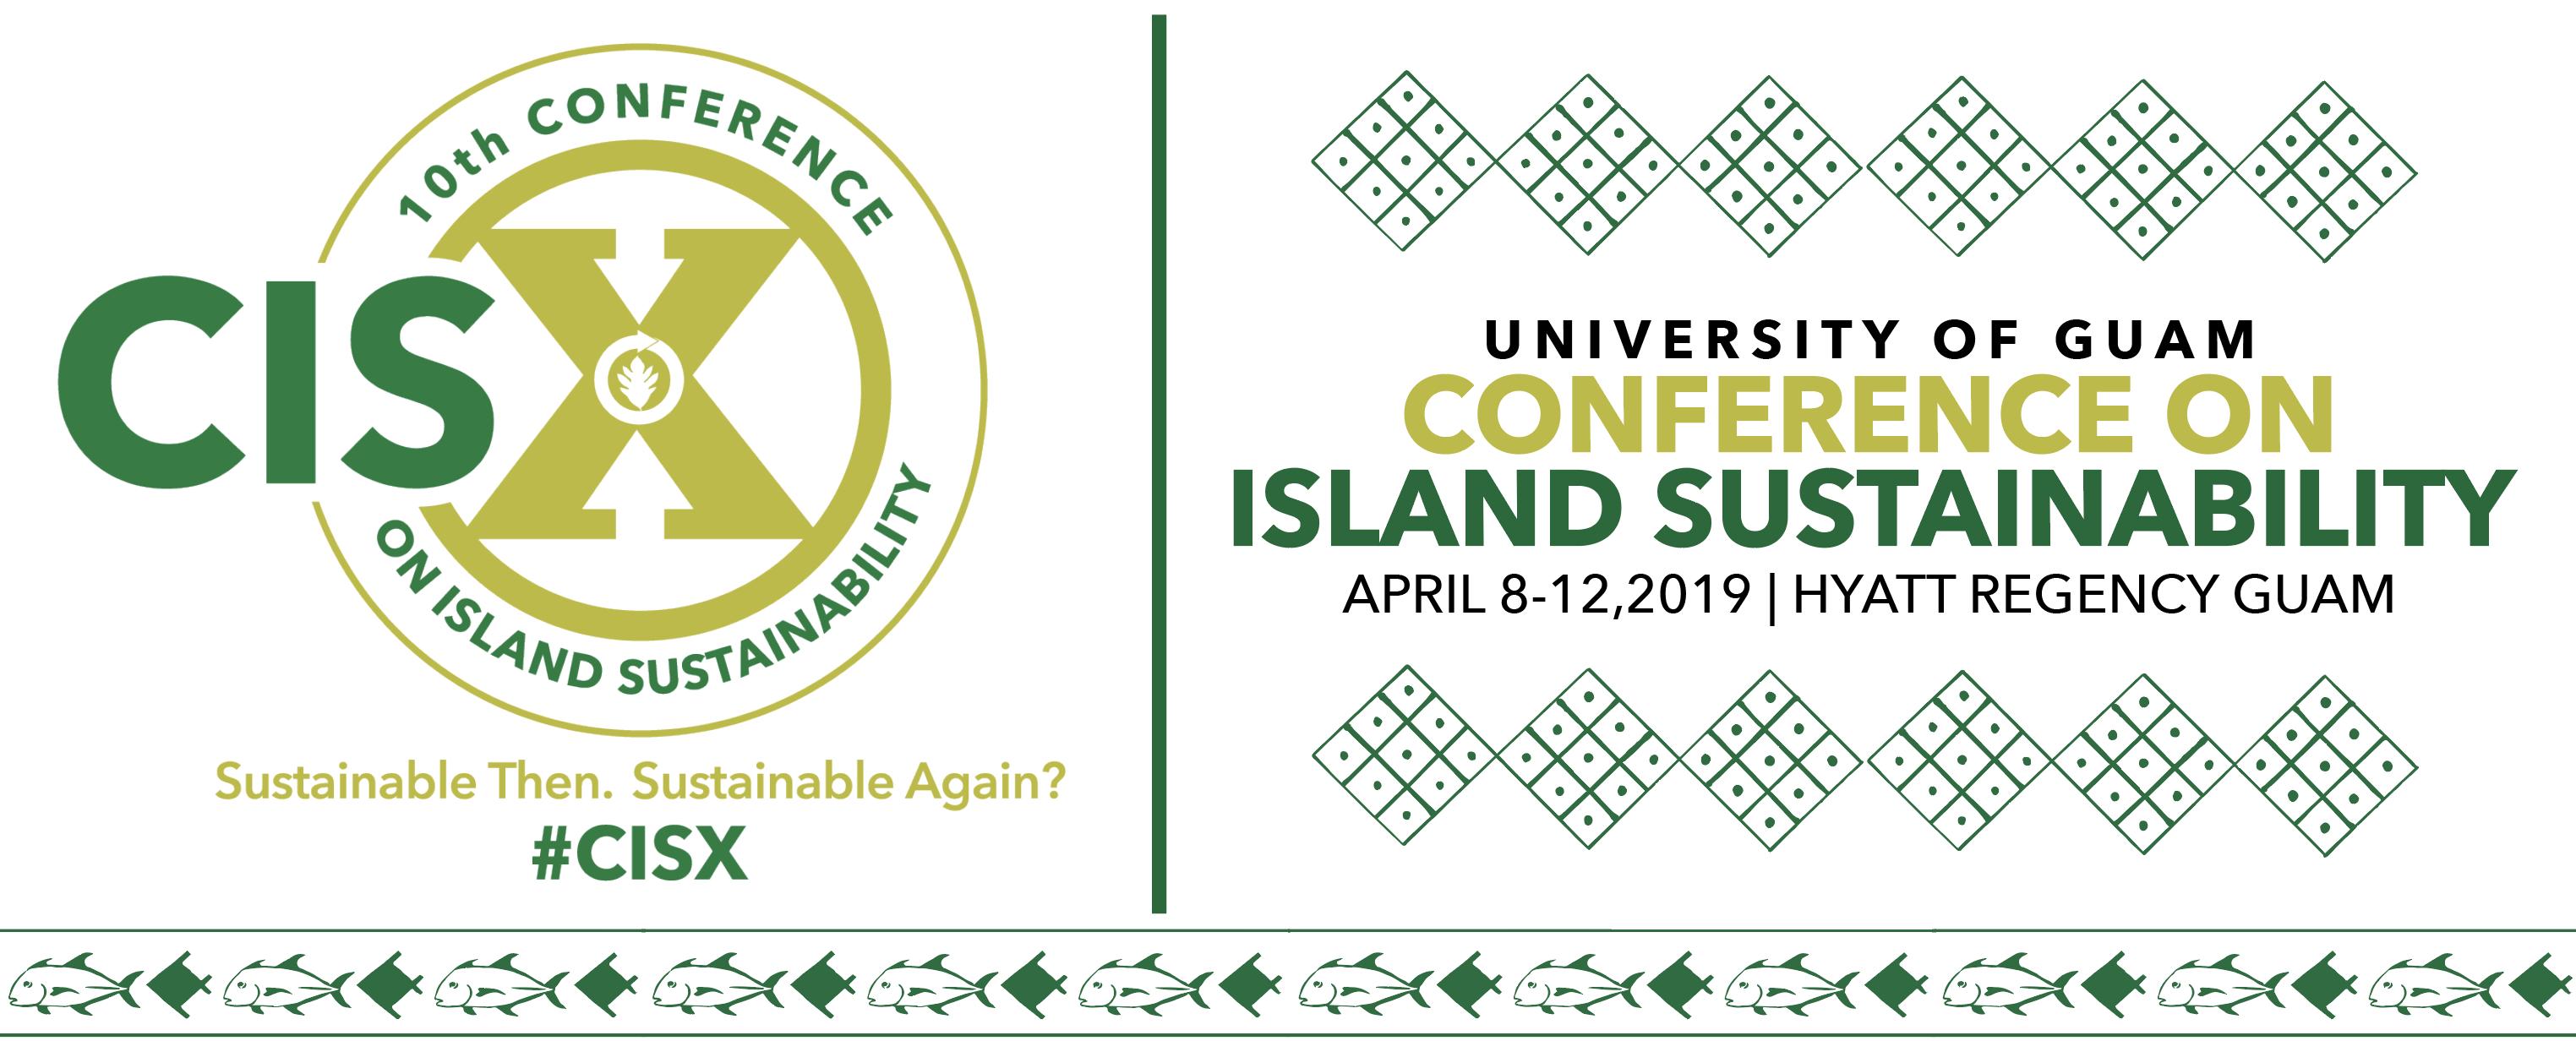 Center for Island Sustainability | University of Guam